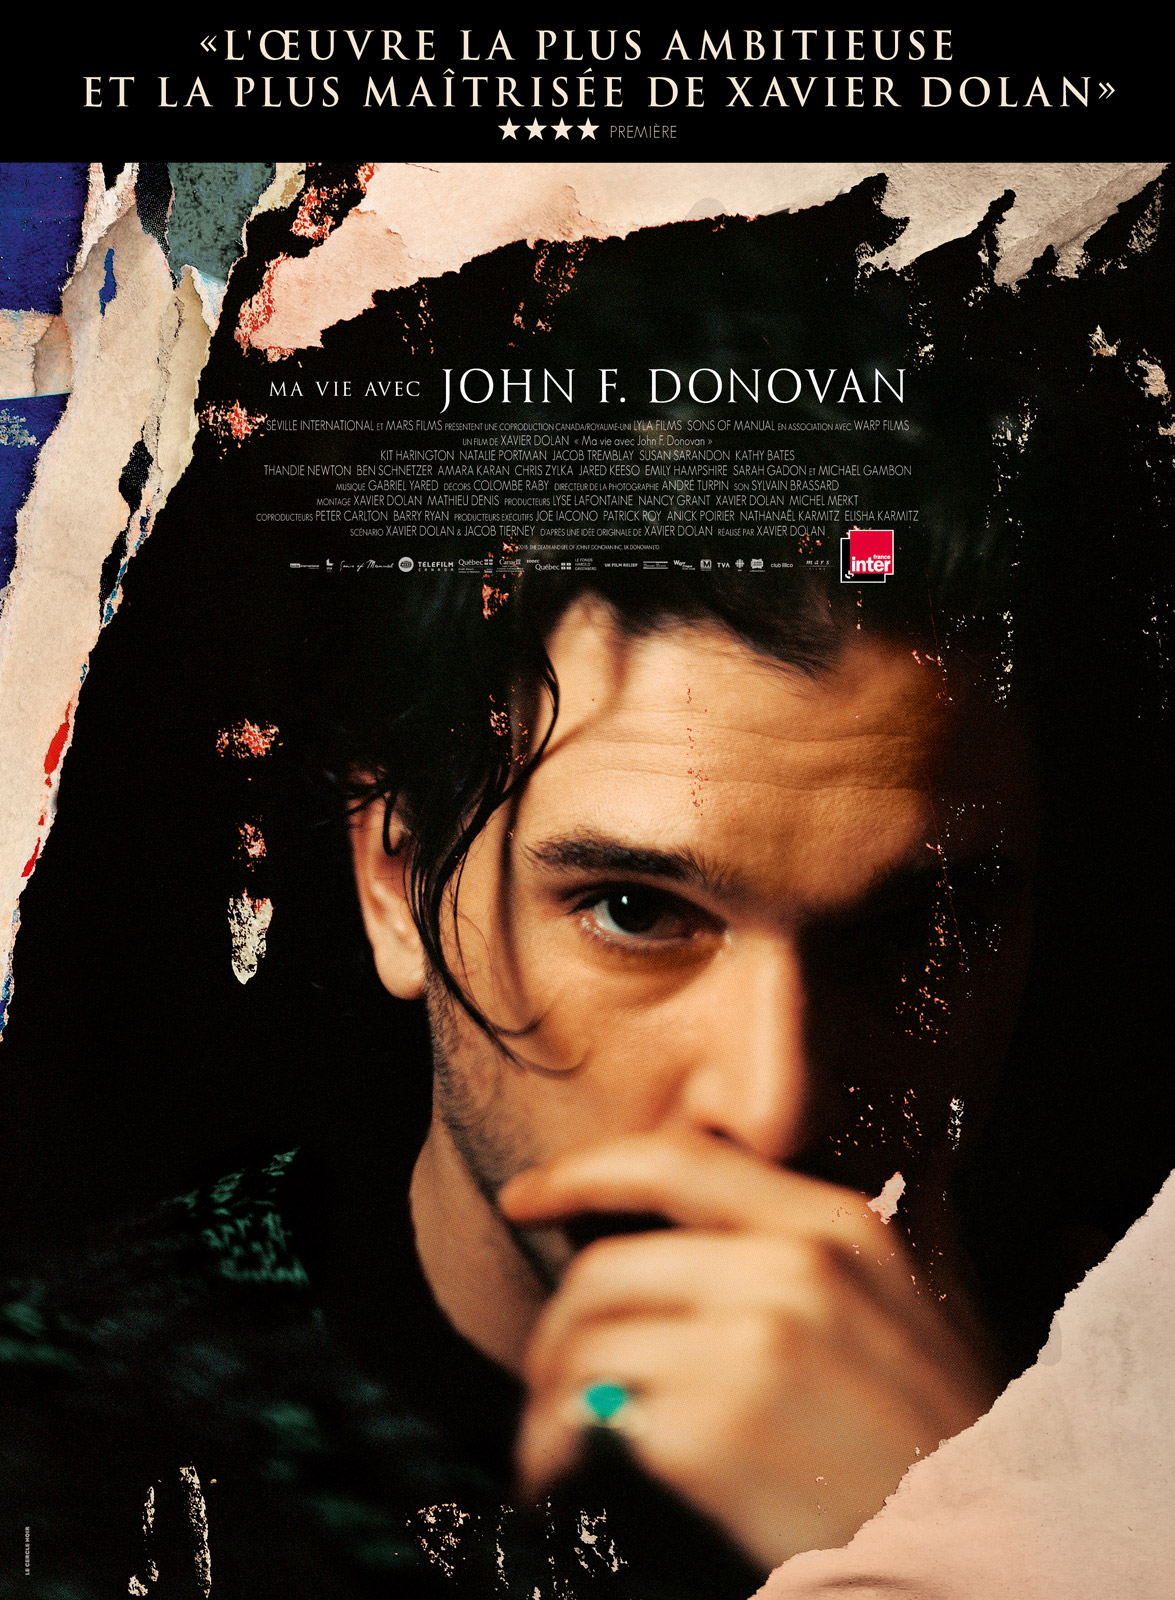 Image du film Ma vie avec John F. Donovan